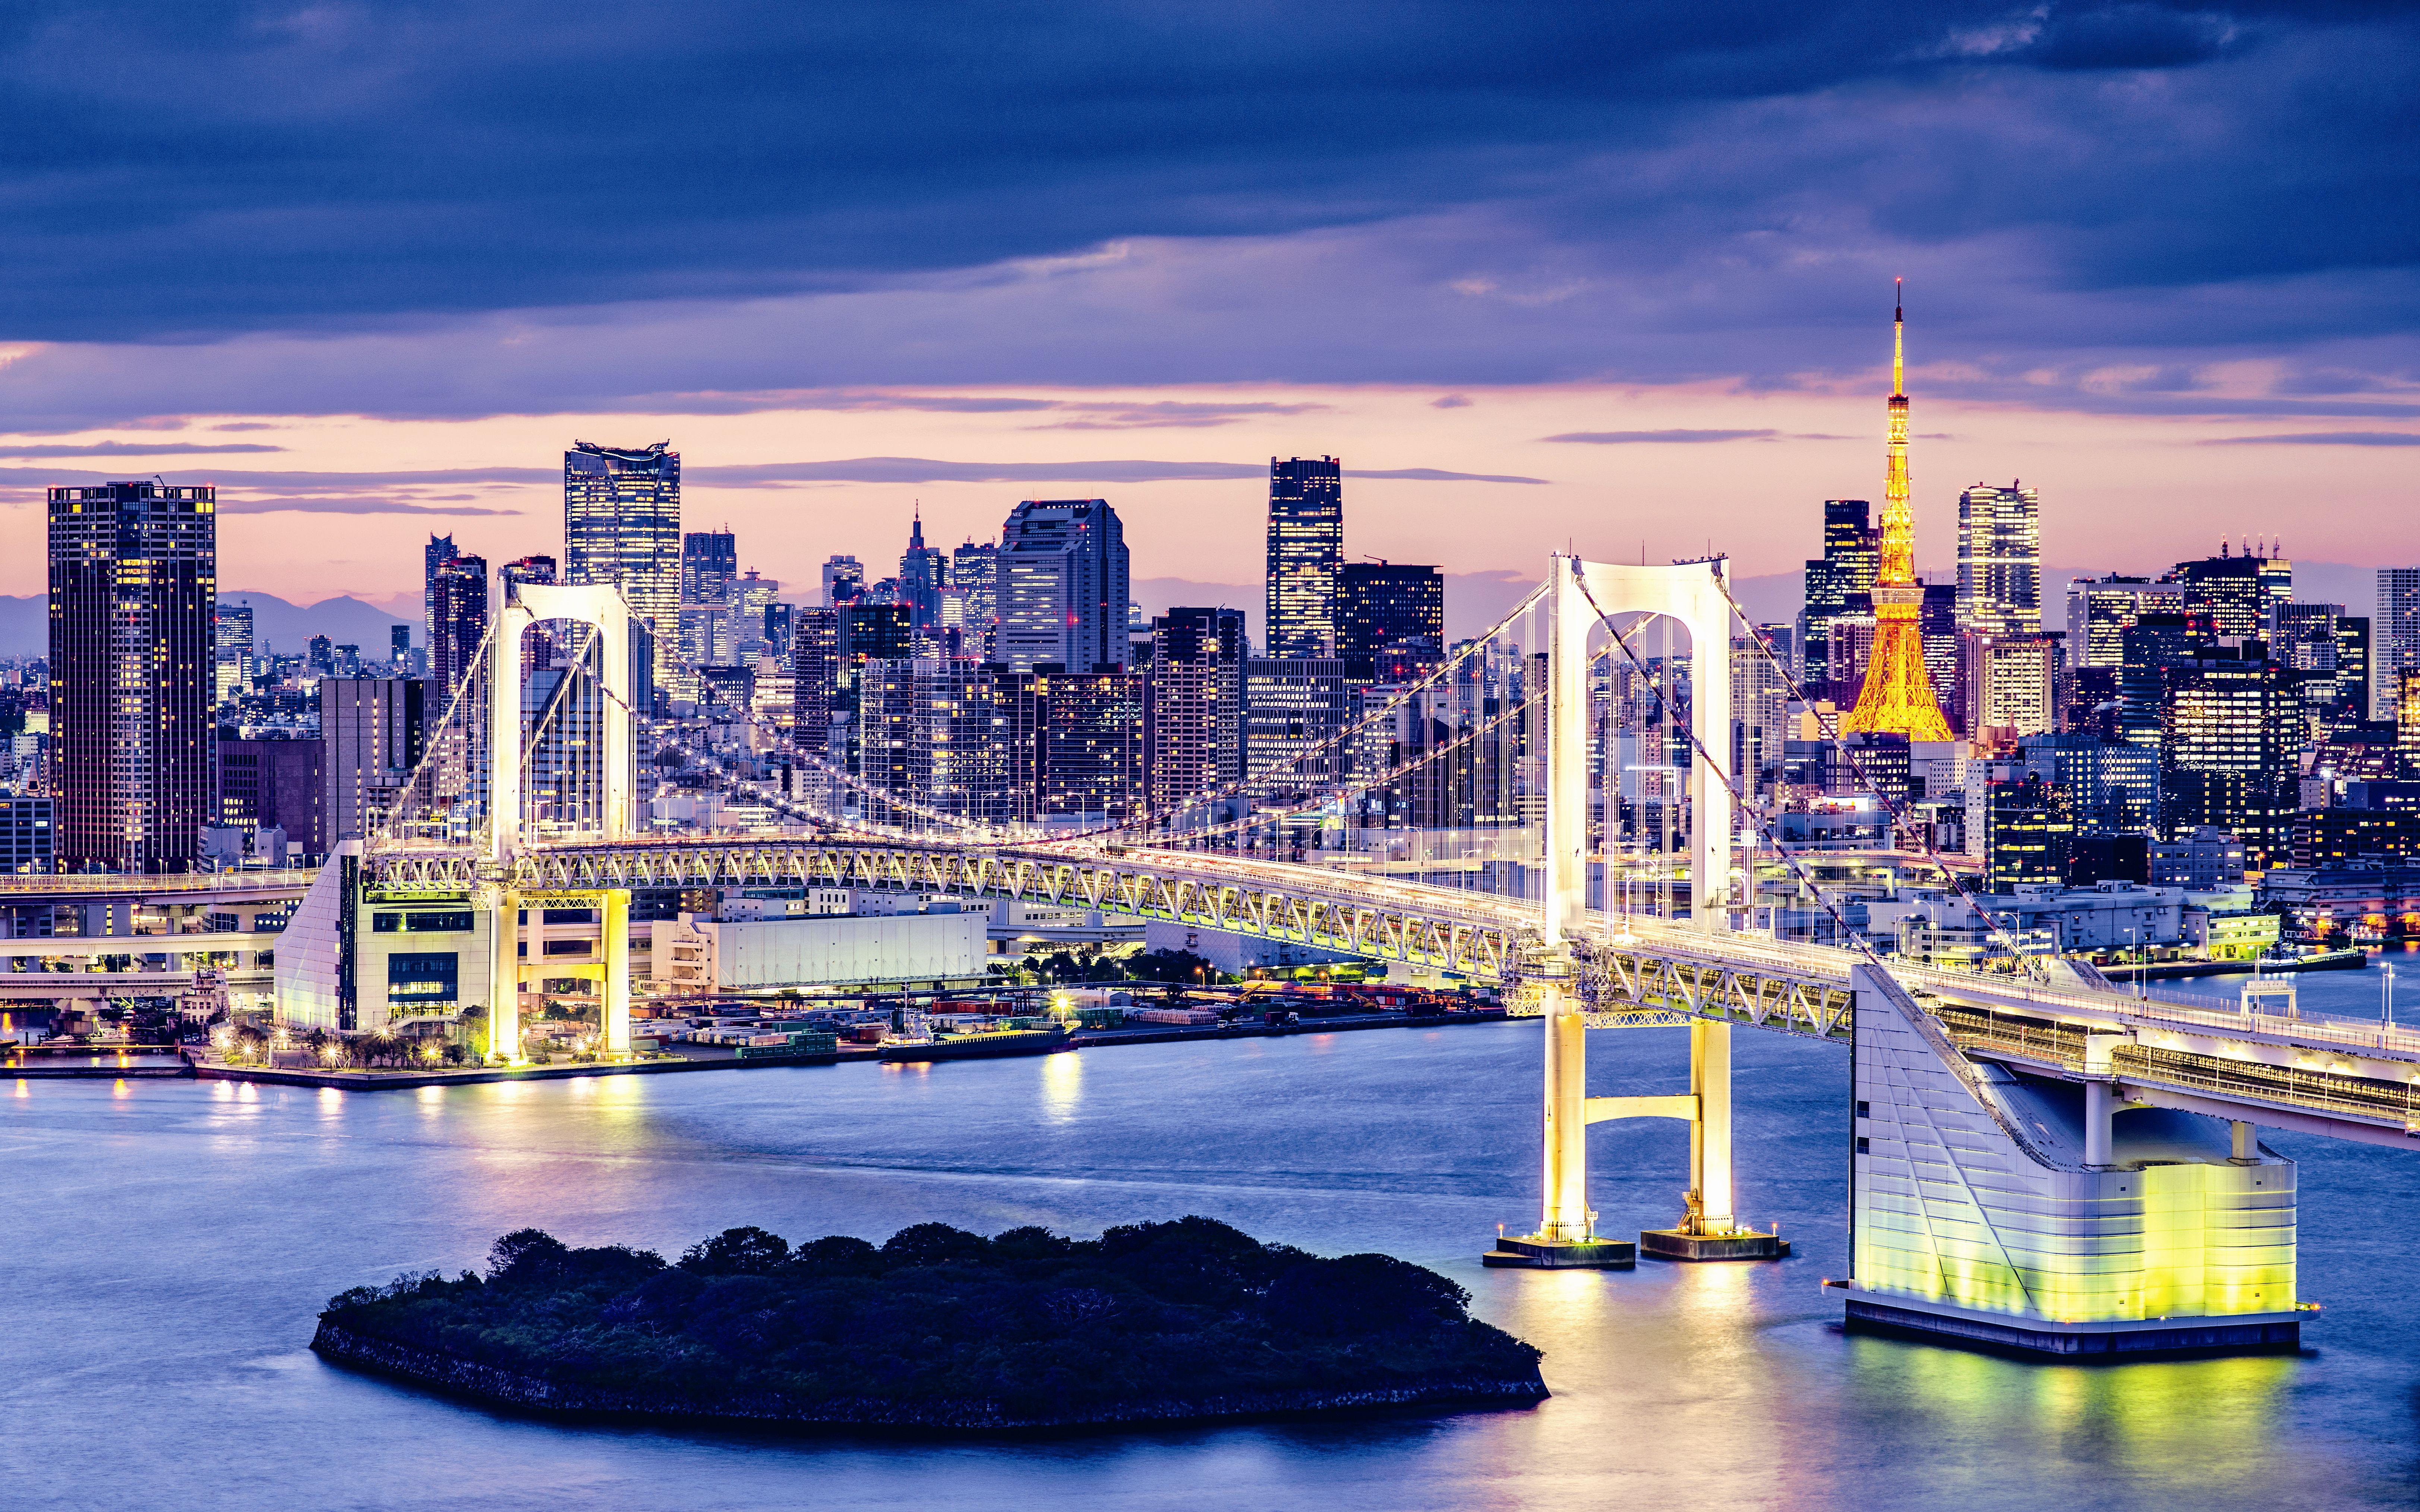 Ιαπωνία αγάπη ραντεβού